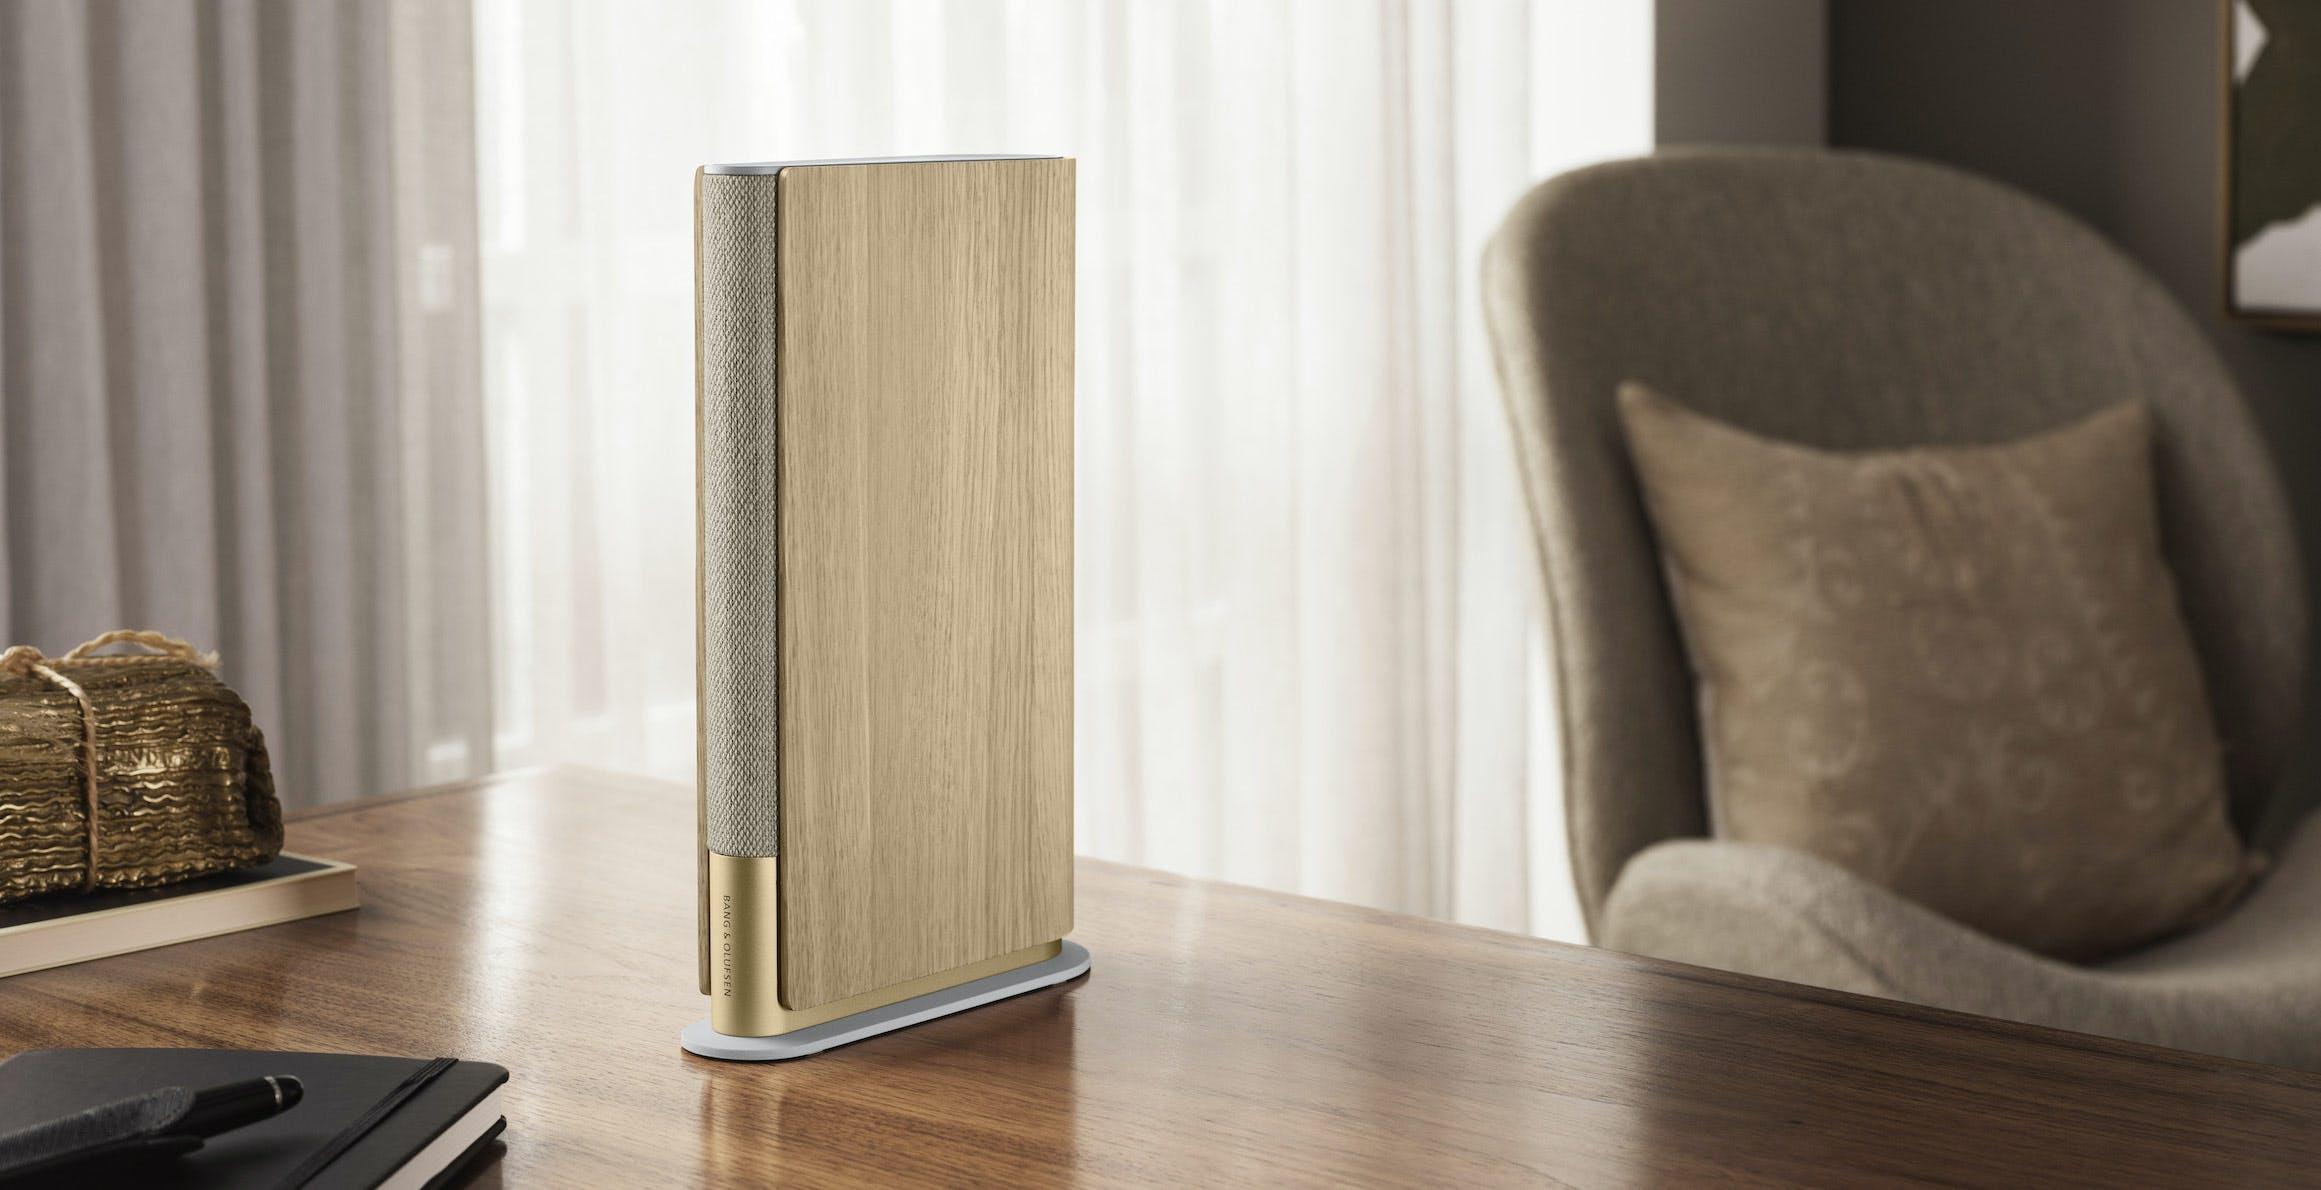 B&O Emerge è il diffusore wireless più originale che ci sia capitato di vedere negli ultimi anni